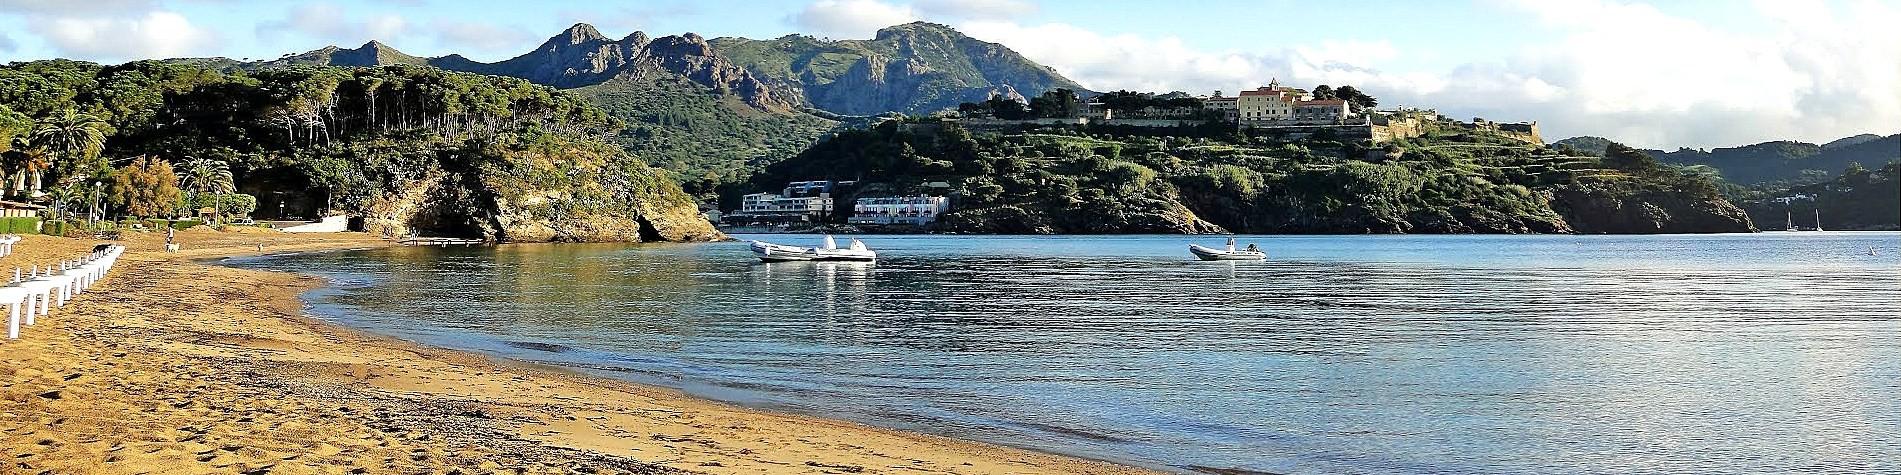 Capoliveri, pláž Naregno